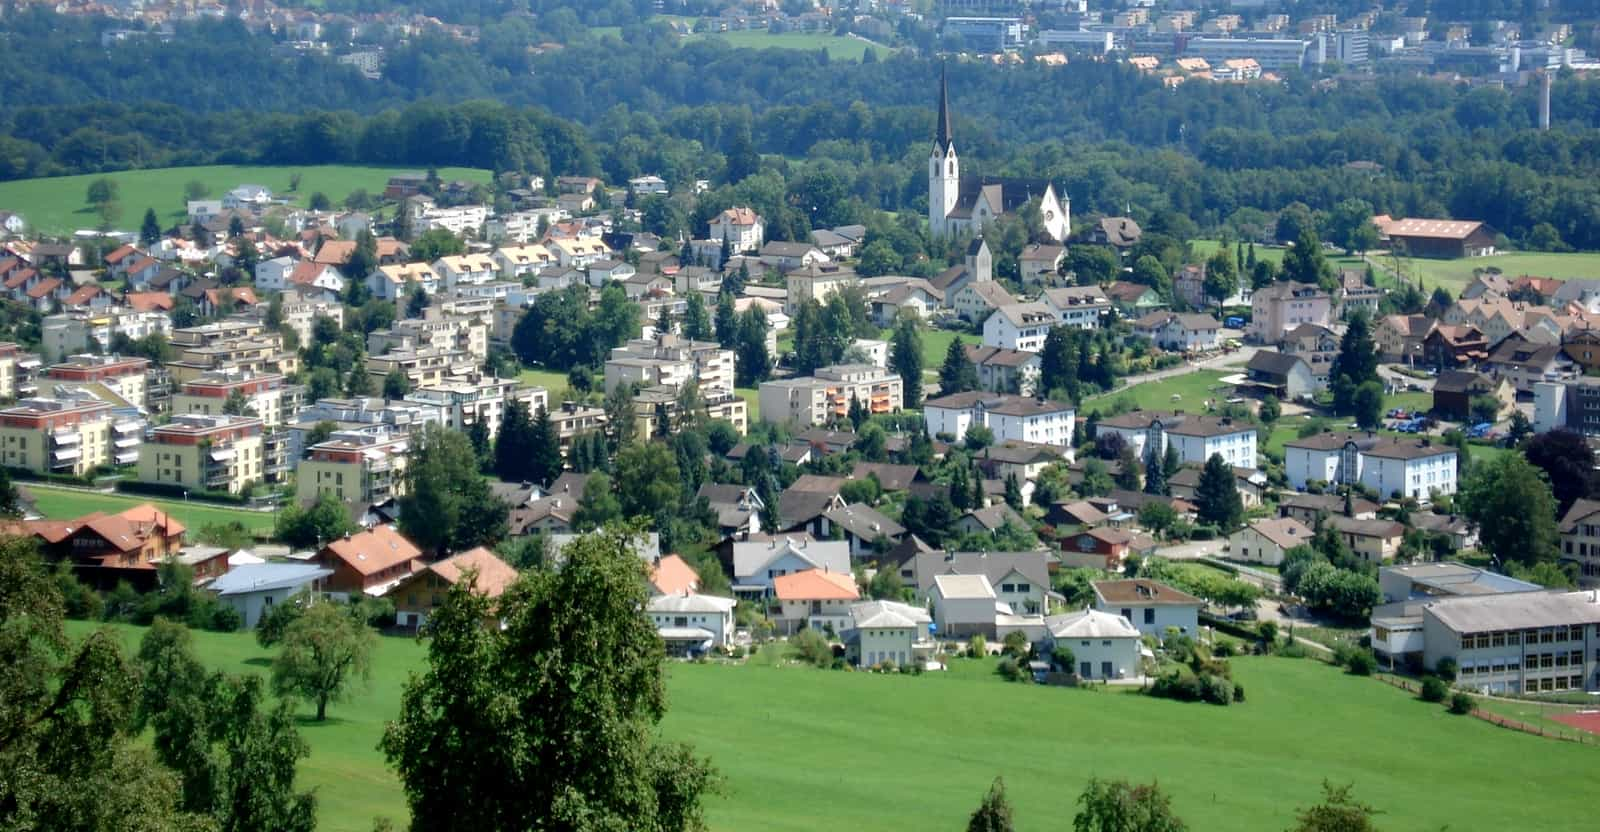 Blick auf das Dorf Abtwil